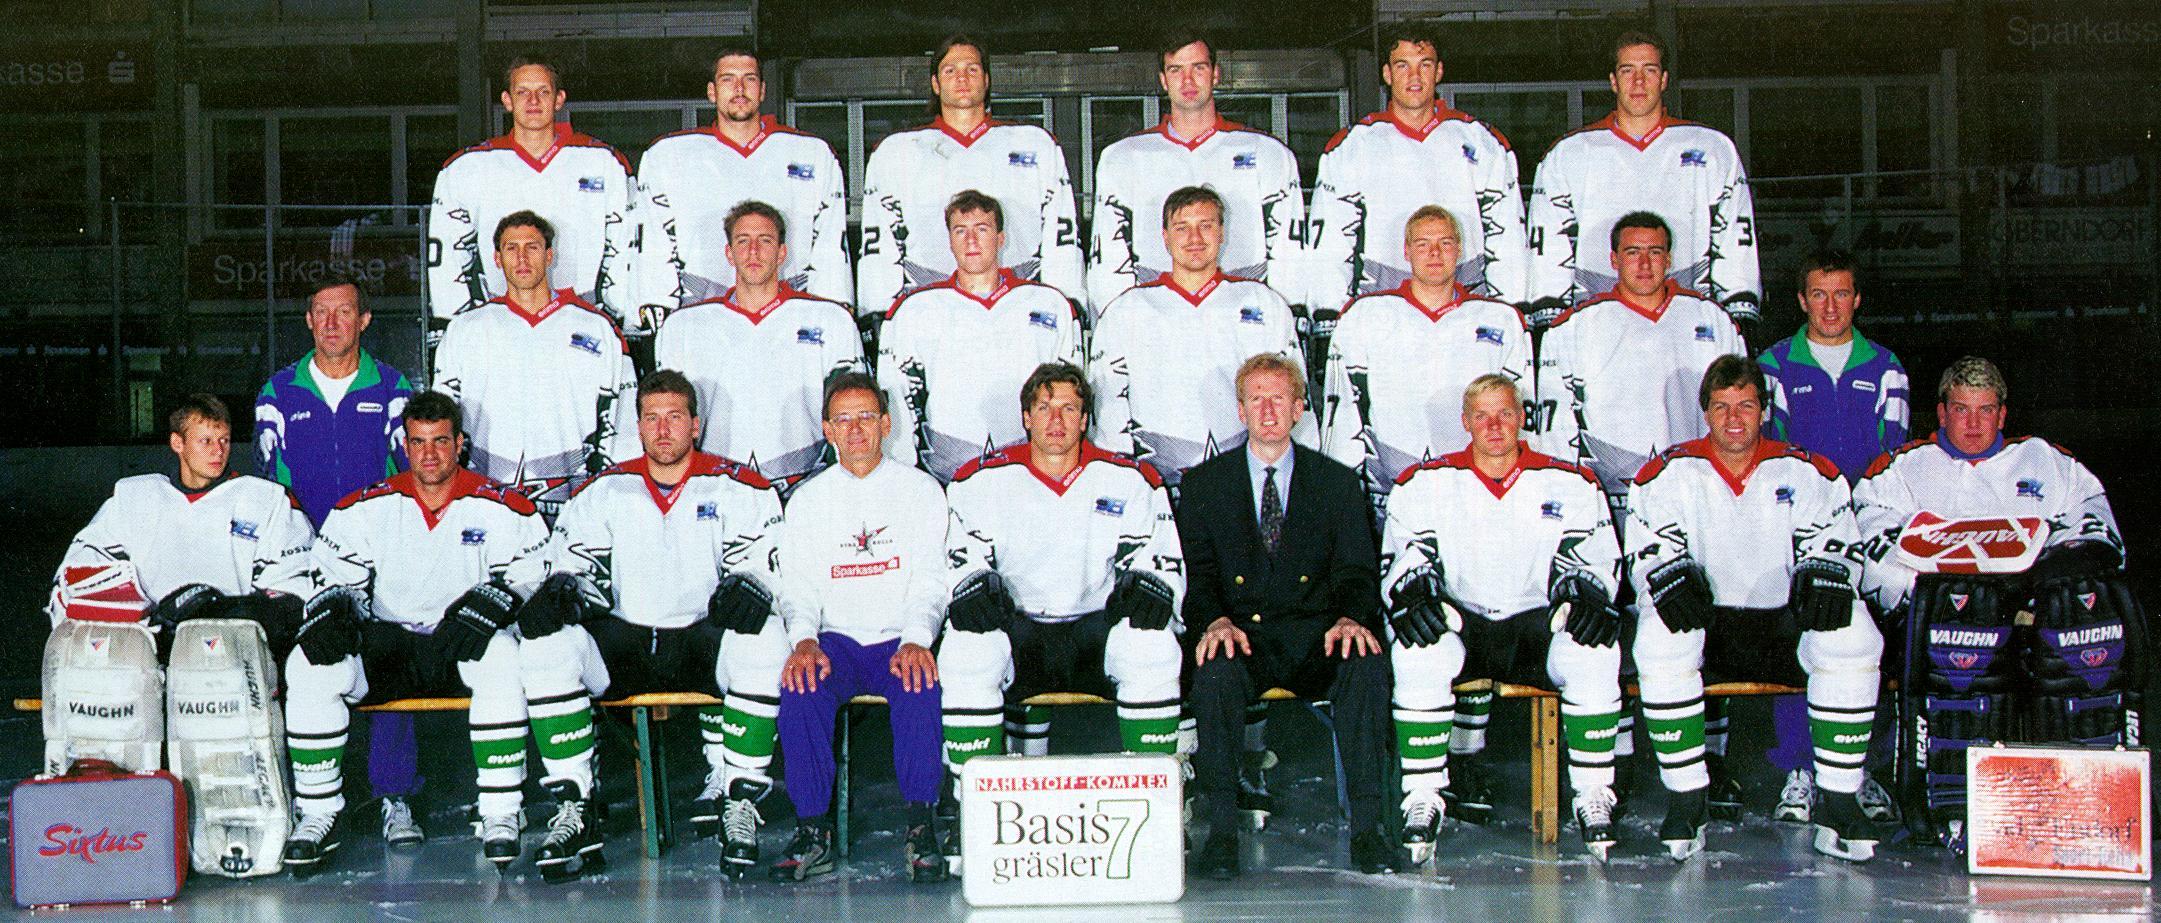 1998-99 DEL season